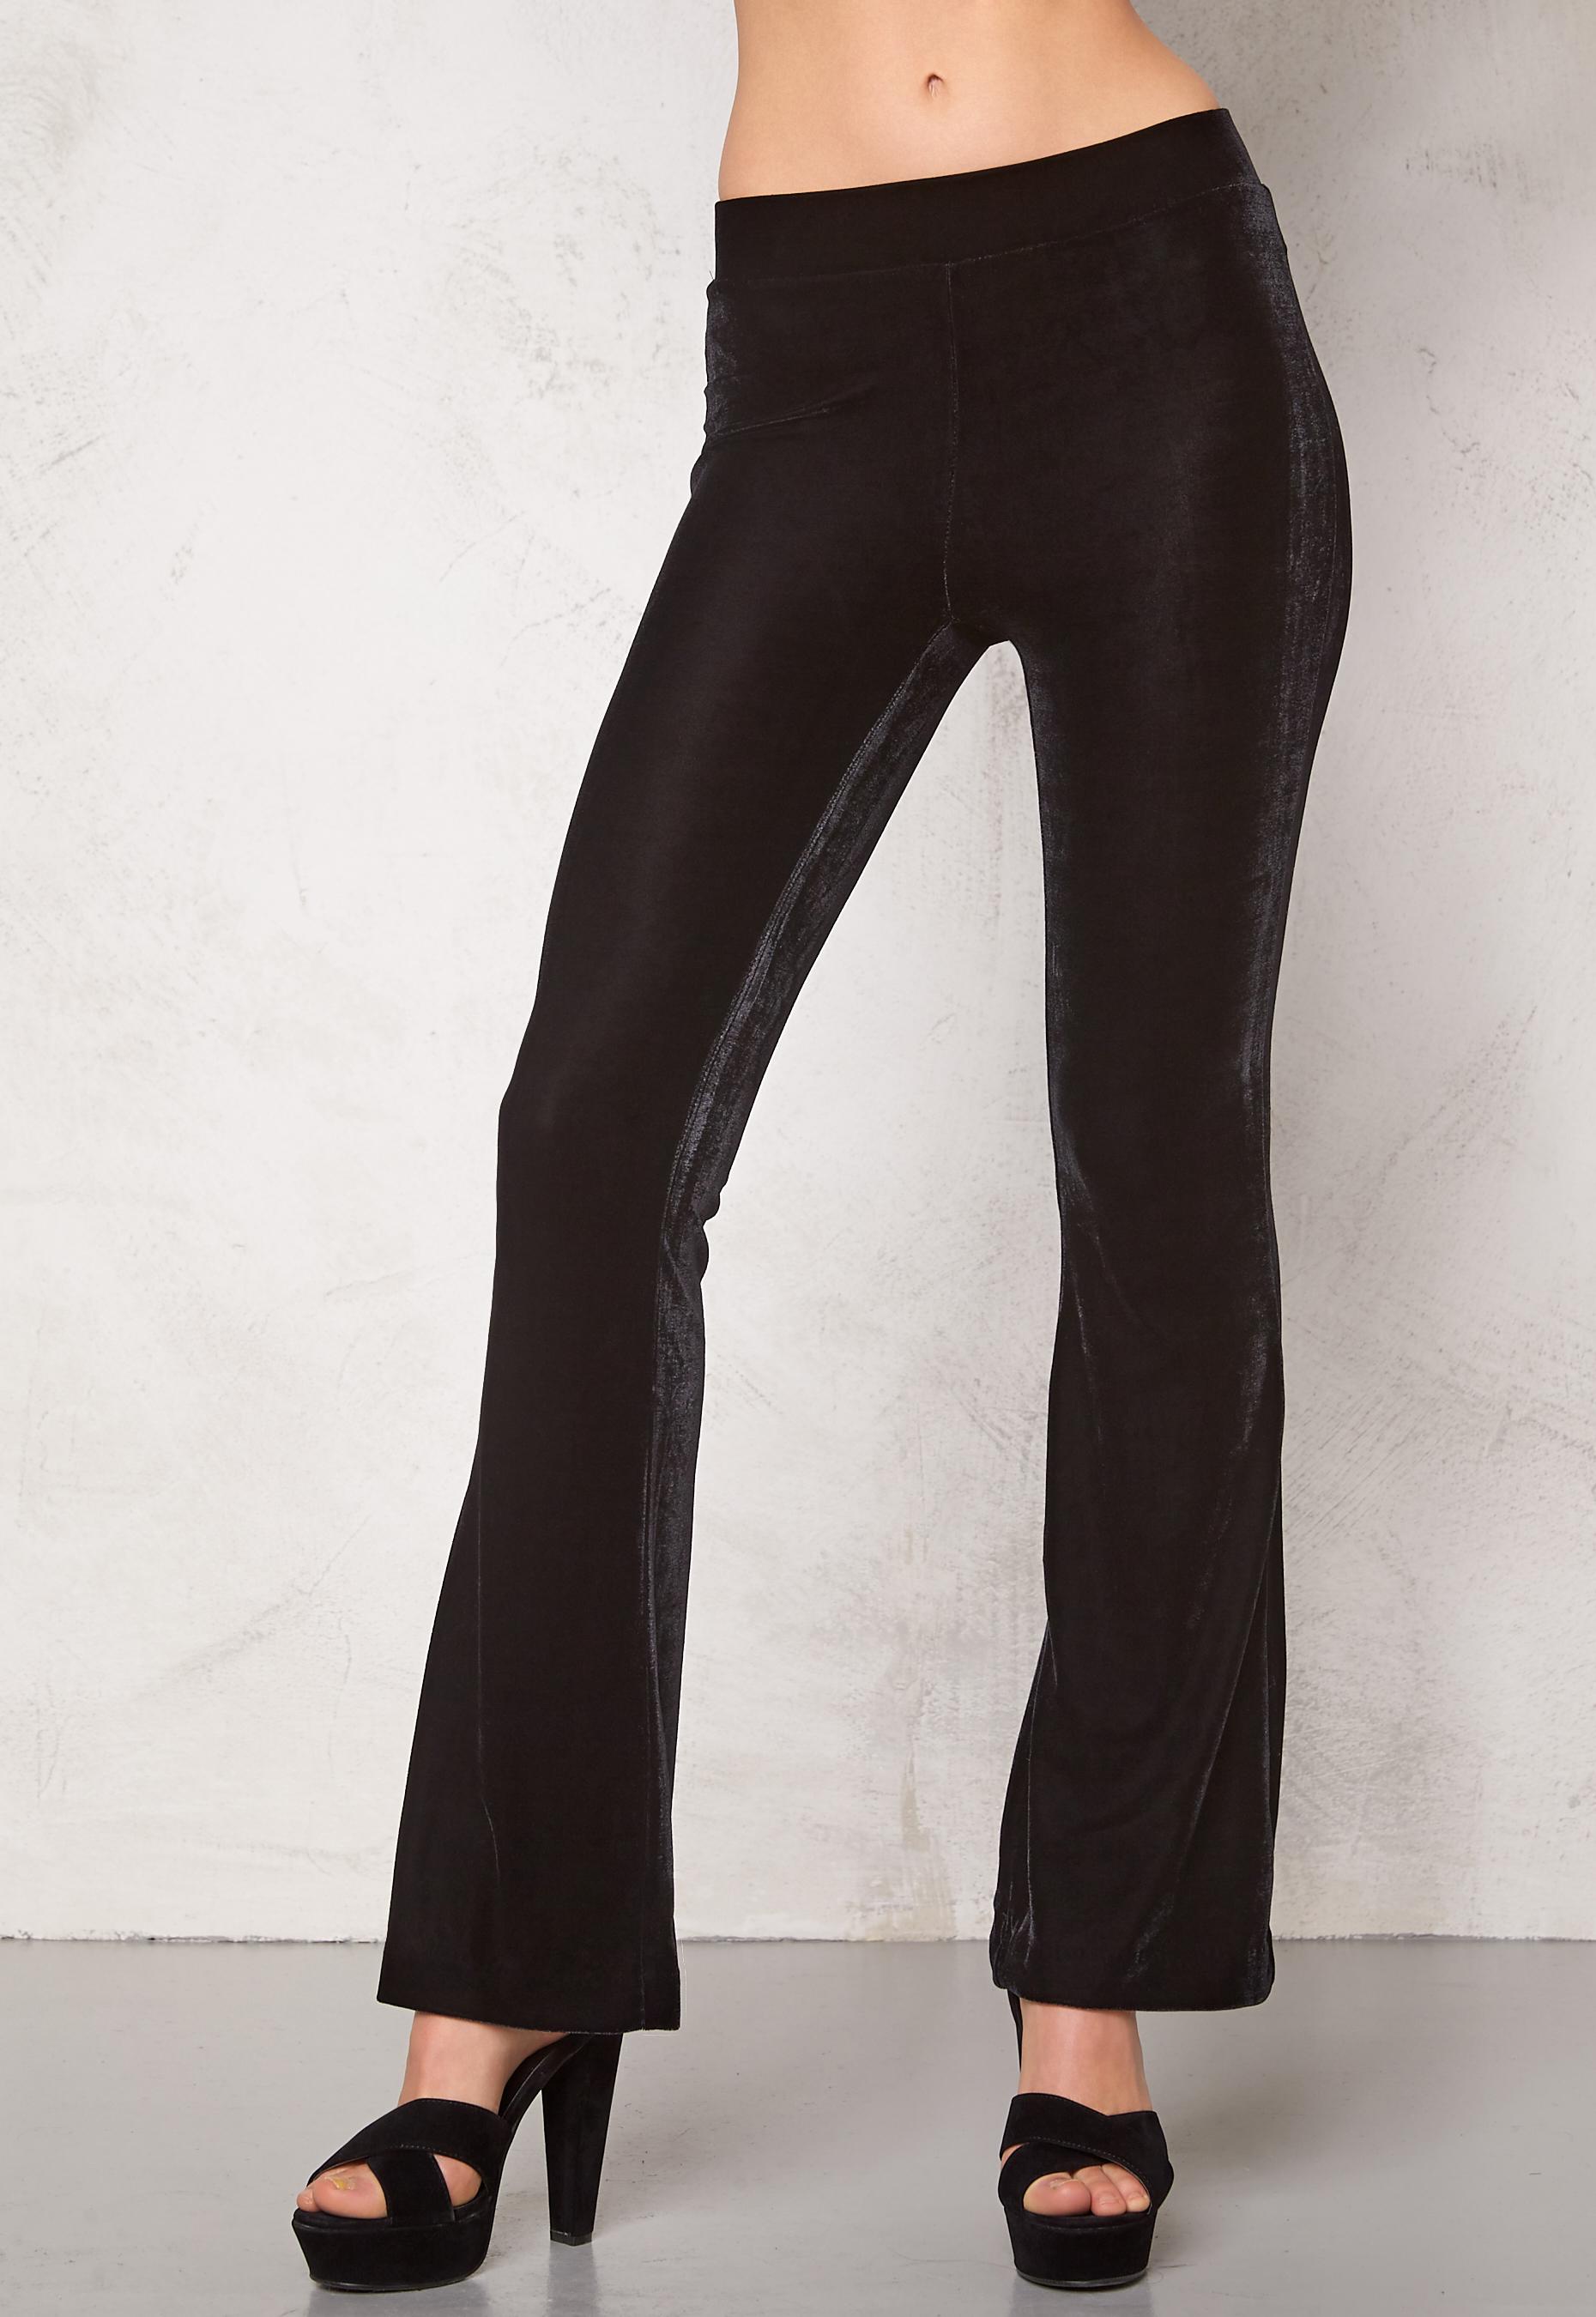 VILA Lour Pant Black - Bubbleroom 993e1ac6600f2